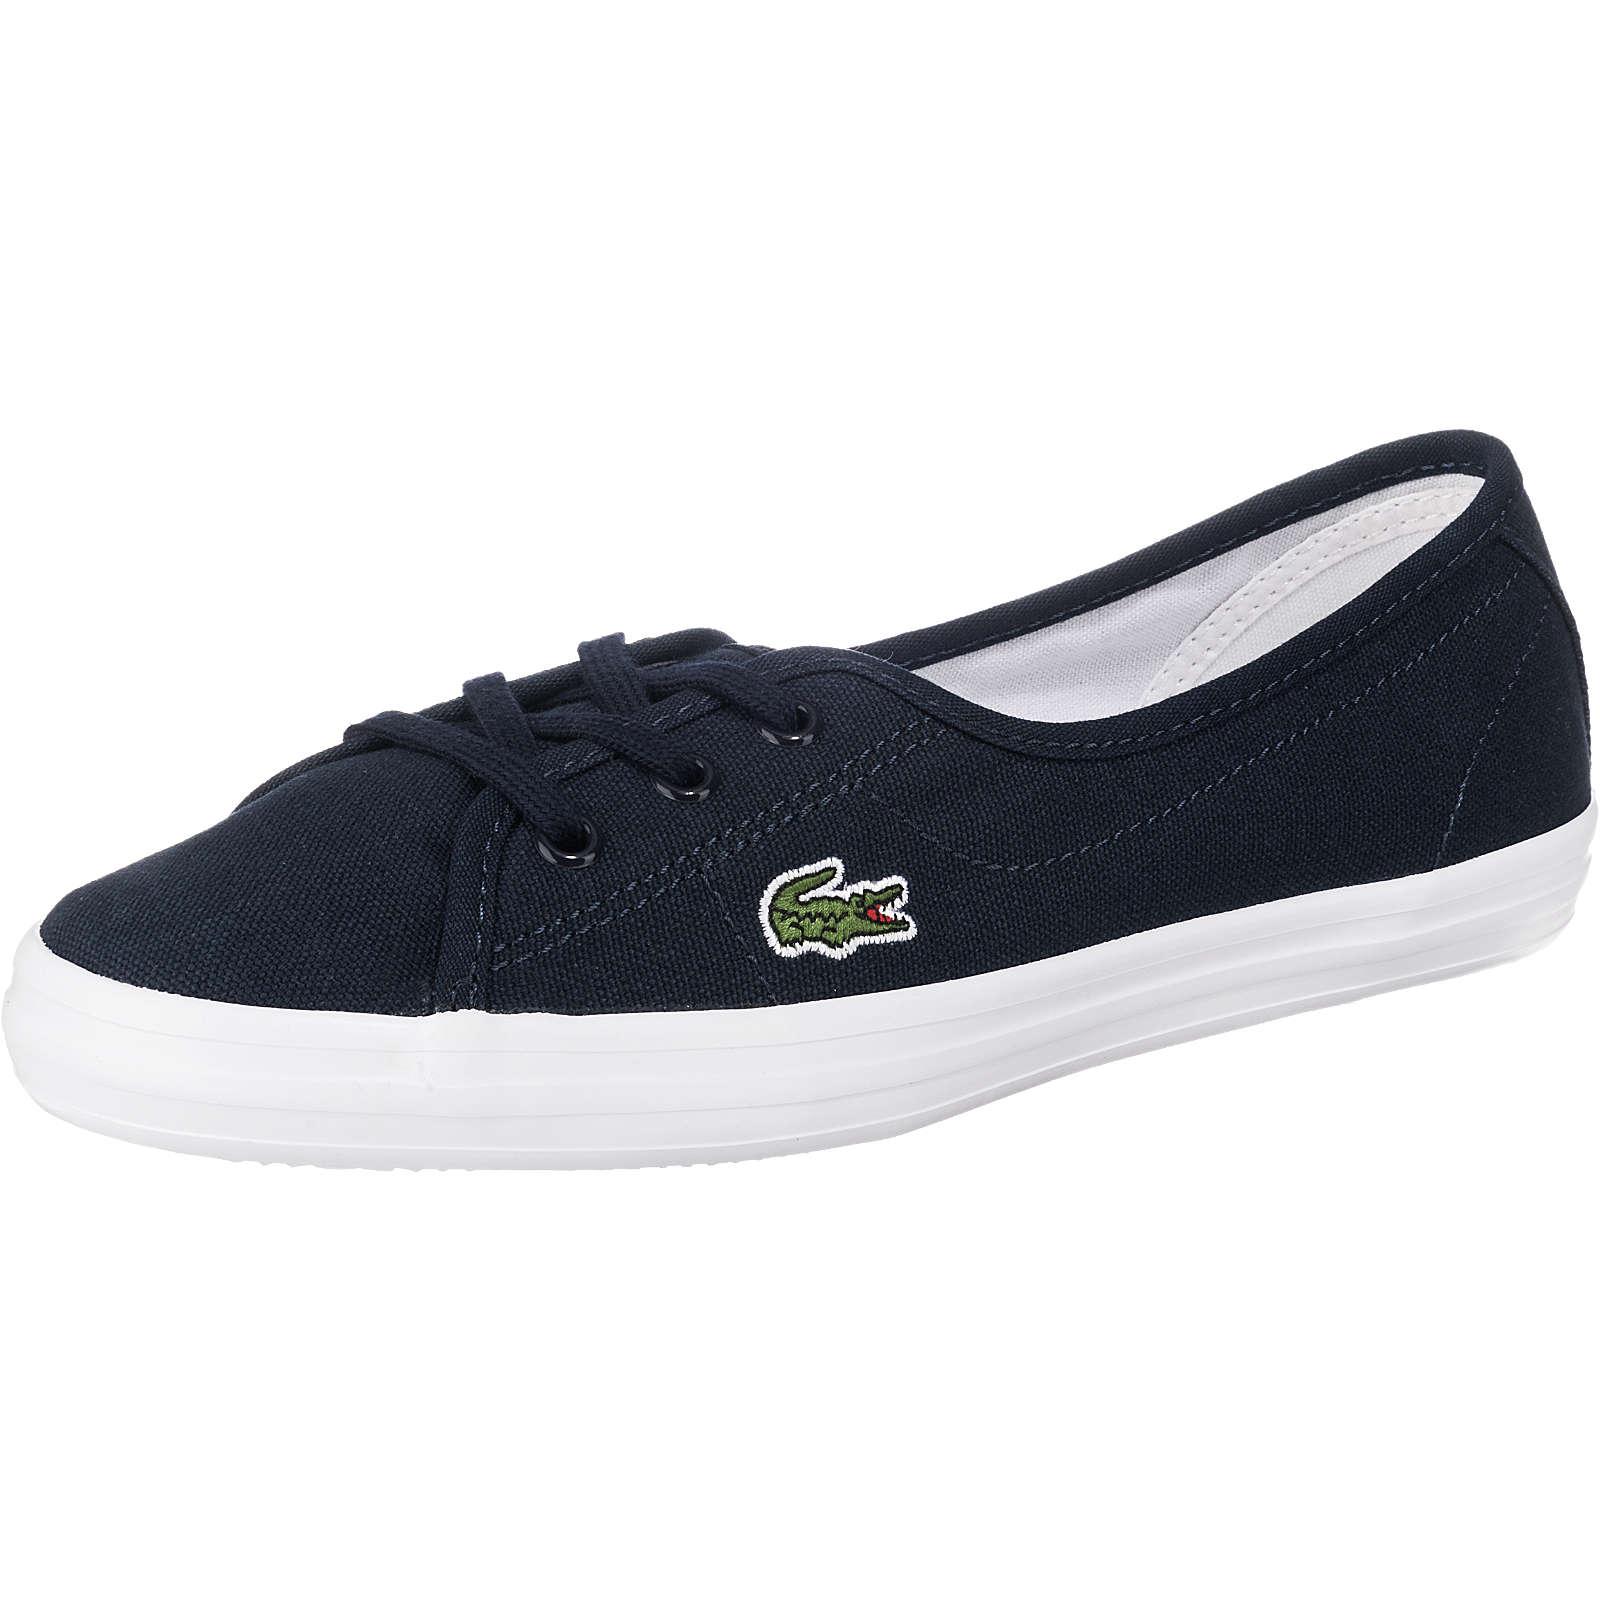 LACOSTE Ziane Chunky Lcr Spw Sneakers dunkelblau Damen Gr. 42